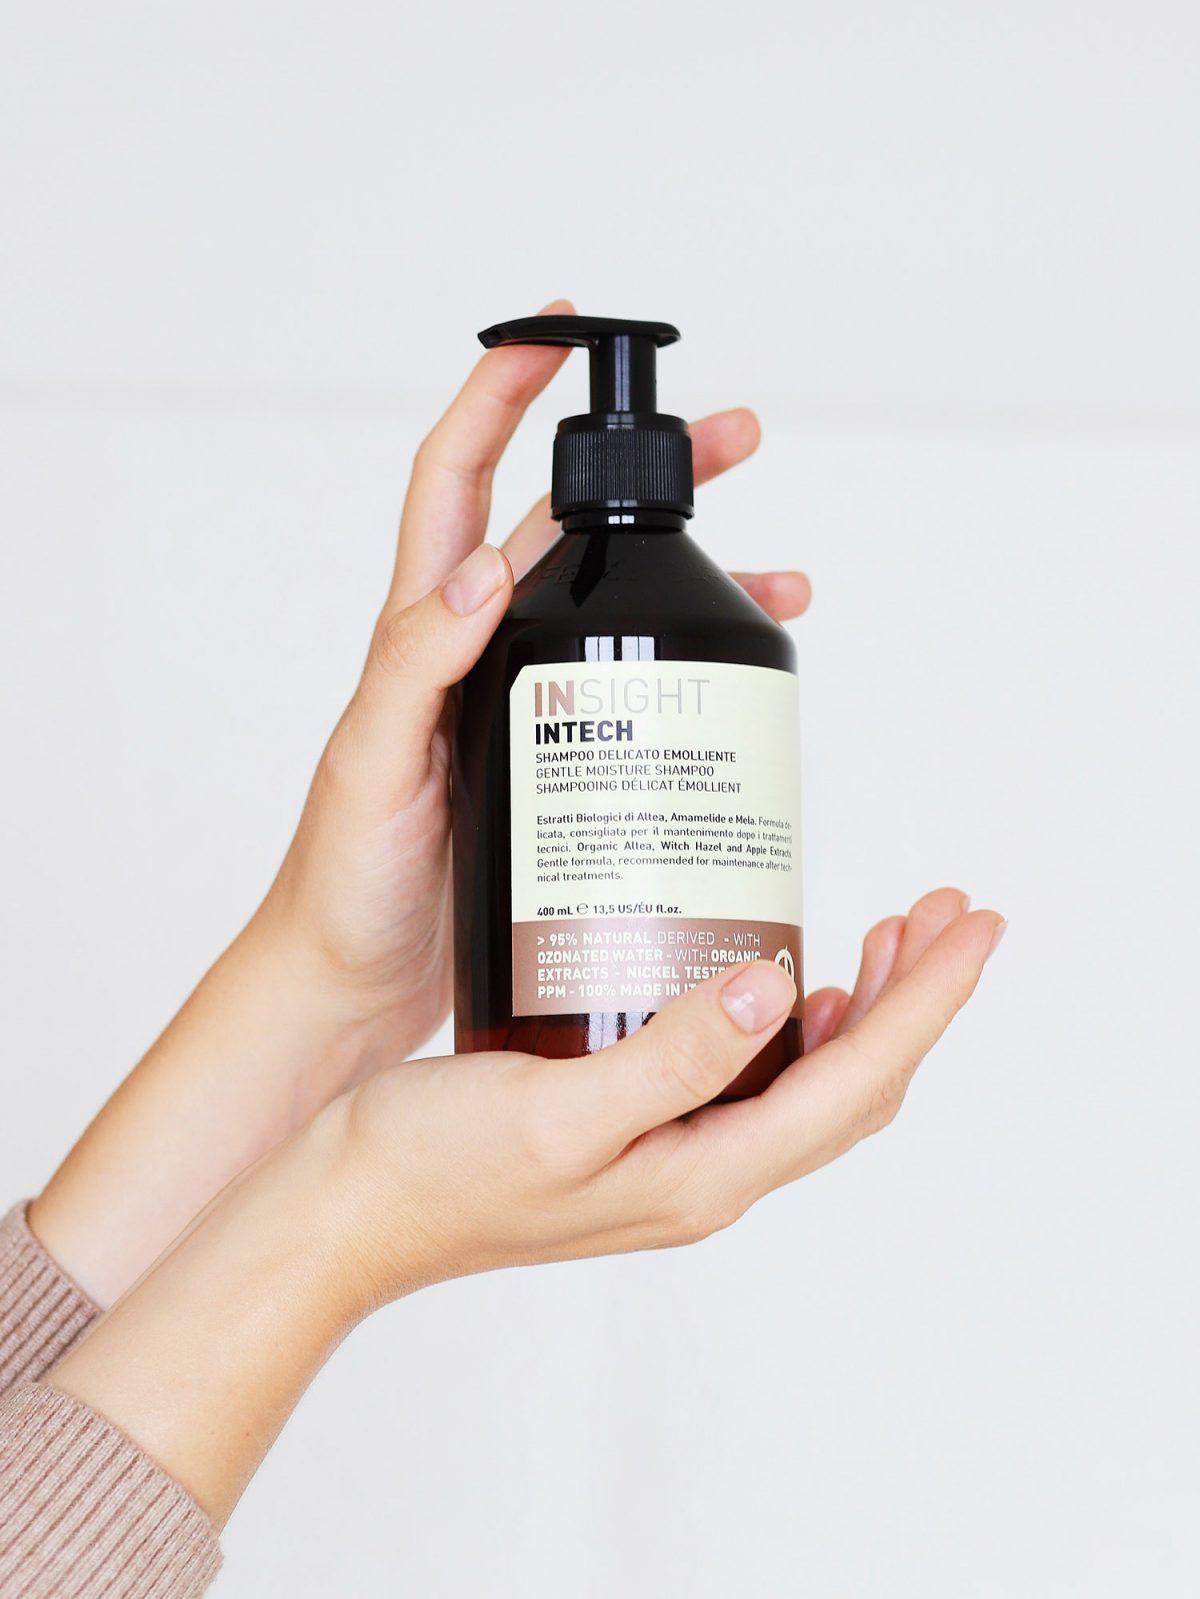 szampon do włosów po zabiegach technicznych, szampon po zabiegach technicznych, szampon do włosów po keratynowym prostowaniu, szampon po keratynowym prostowaniu włosów, szampon po nanoplastii, szampon po trwałej, szampon po trwałej ondulacji, szampon do włosów po trwałej ondulacji, szampon insight intech, szampon do włosów po zabiegach technicznych insight intech